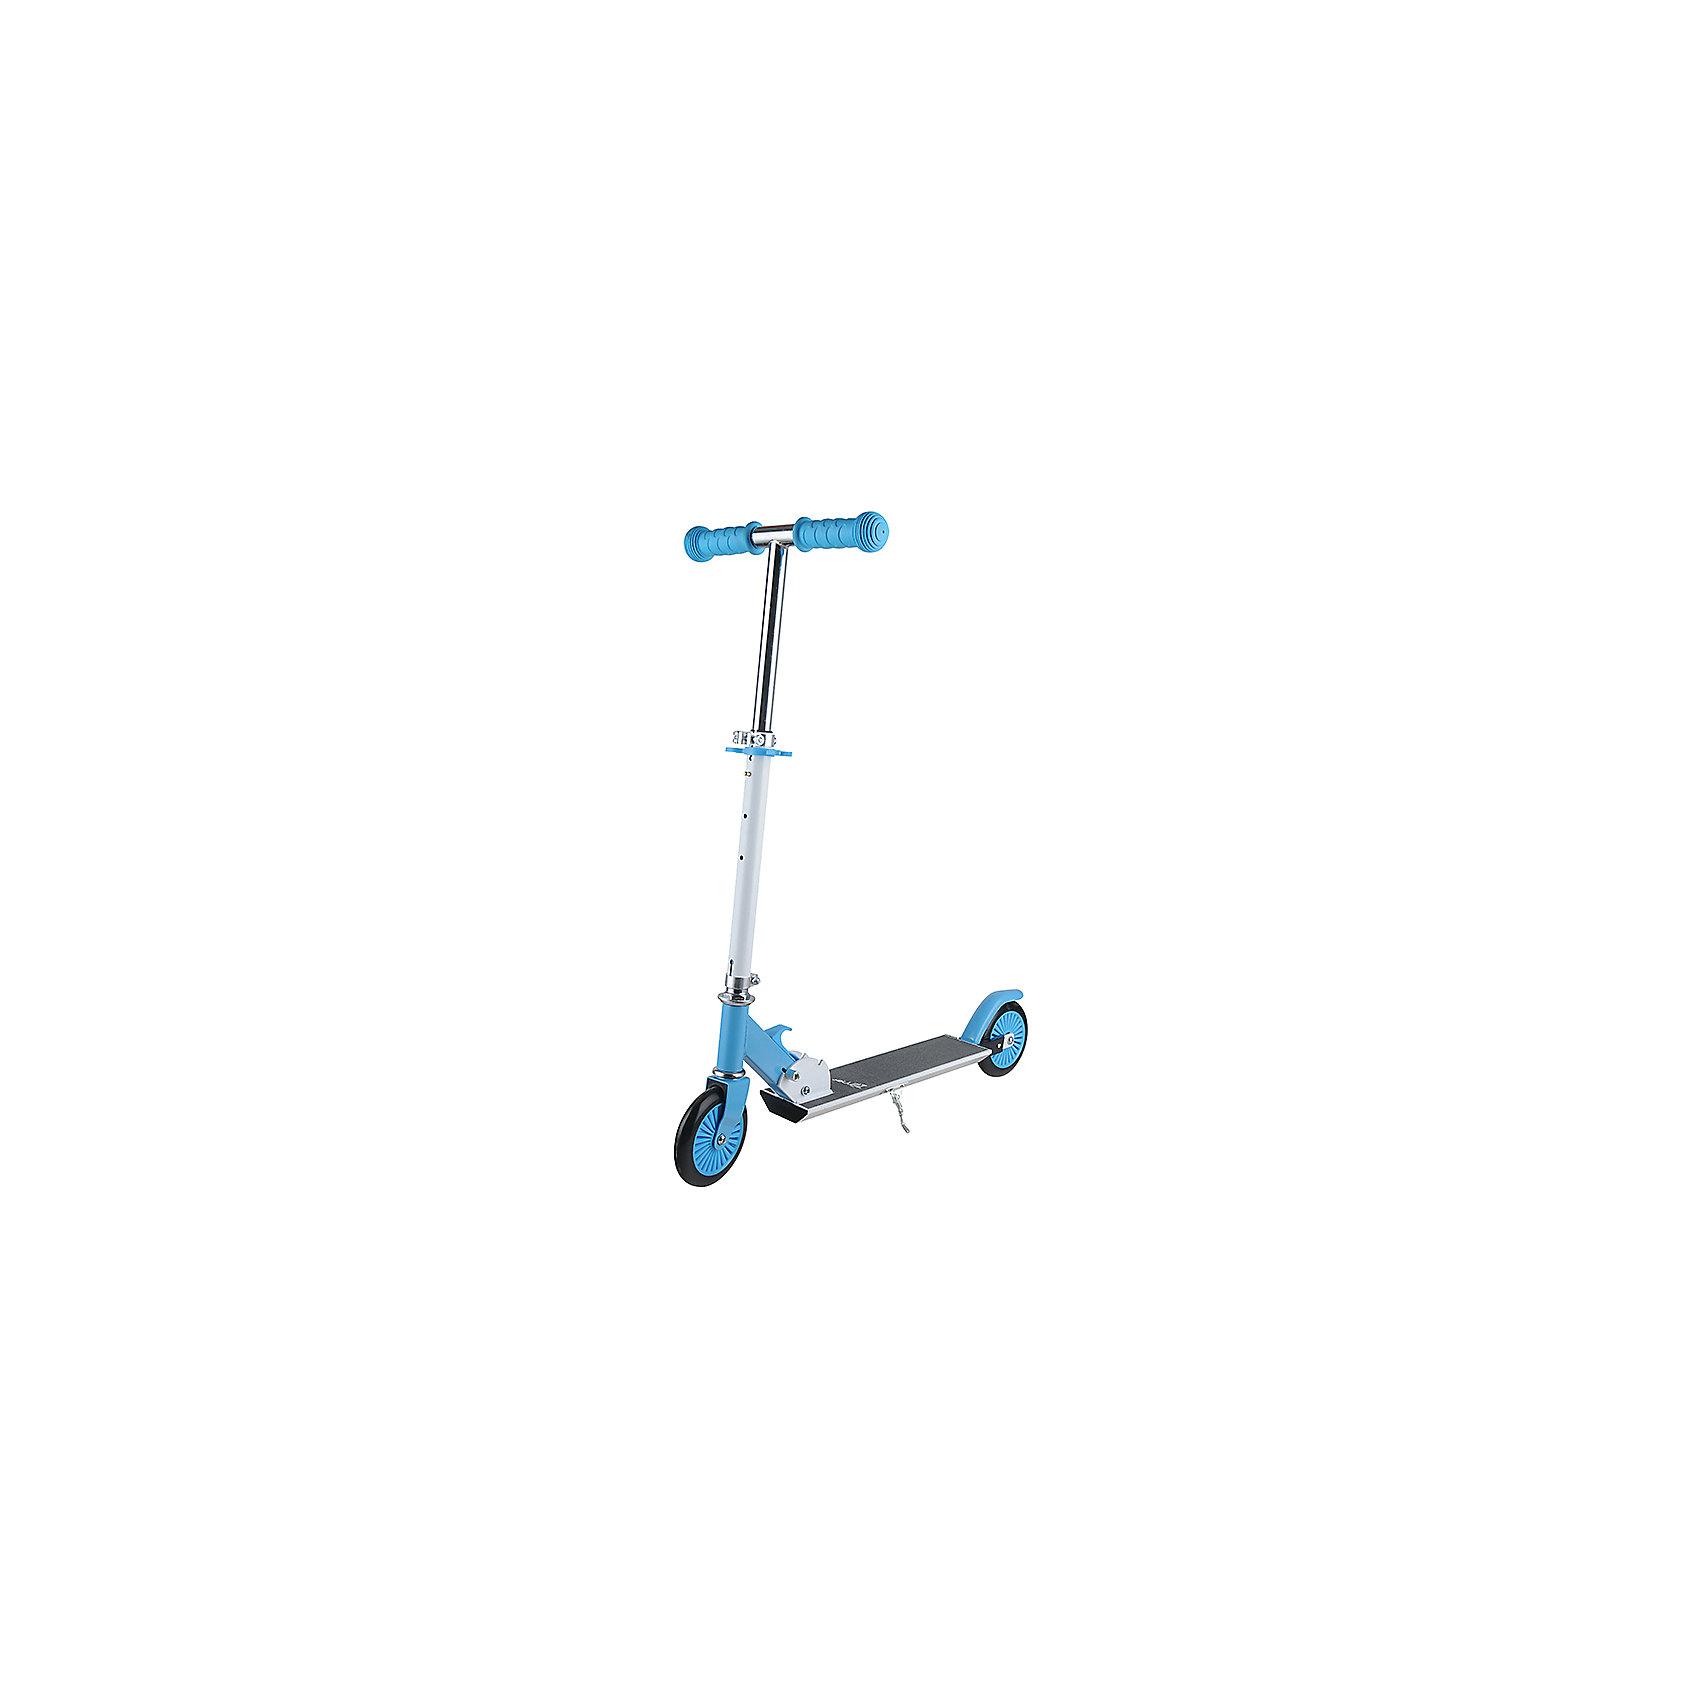 Самокат  ZL-79, голубой, ZilmerСамокаты<br>Характеристики товара:<br><br>• возраст от 6 лет;<br>• материал: алюминий, сталь;<br>• в комплекте: самокат, шестигранные ключи, инструкция;<br>• максимальная нагрузка до 50 кг;<br>• регулировка руля;<br>• наличие подножки<br>• материал колес: полиуретан;<br>• диаметр колес 12 см;<br>• размер самоката 66х29х78,5 см;<br>• вес самоката 1 кг;<br>• размер упаковки 61,5х21,5х11,5 см;<br>• вес упаковки 2,78 кг;<br>• страна производитель: Китай.<br><br>Самокат Zilmer ZL-79 голубой понравится любителям активных летних прогулок. Самокат выполнен из прочного алюминия. Платформа покрыта нескользящим покрытием, которое препятствует соскальзывание во время катания. Регулируемый руль позволит кататься на самокате не только детям, но и подросткам. Ручки руля имеют противоскользящие накладки. Ручную колонку можно сложить для хранения дома или транспортировки. Подножка позволяет поставить самокат в вертикальном положении на время остановки.<br><br>Самокат Zilmer ZL-79 голубой можно приобрести в нашем интернет-магазине.<br><br>Ширина мм: 615<br>Глубина мм: 115<br>Высота мм: 215<br>Вес г: 2780<br>Цвет: голубой<br>Возраст от месяцев: 48<br>Возраст до месяцев: 2147483647<br>Пол: Мужской<br>Возраст: Детский<br>SKU: 5610988